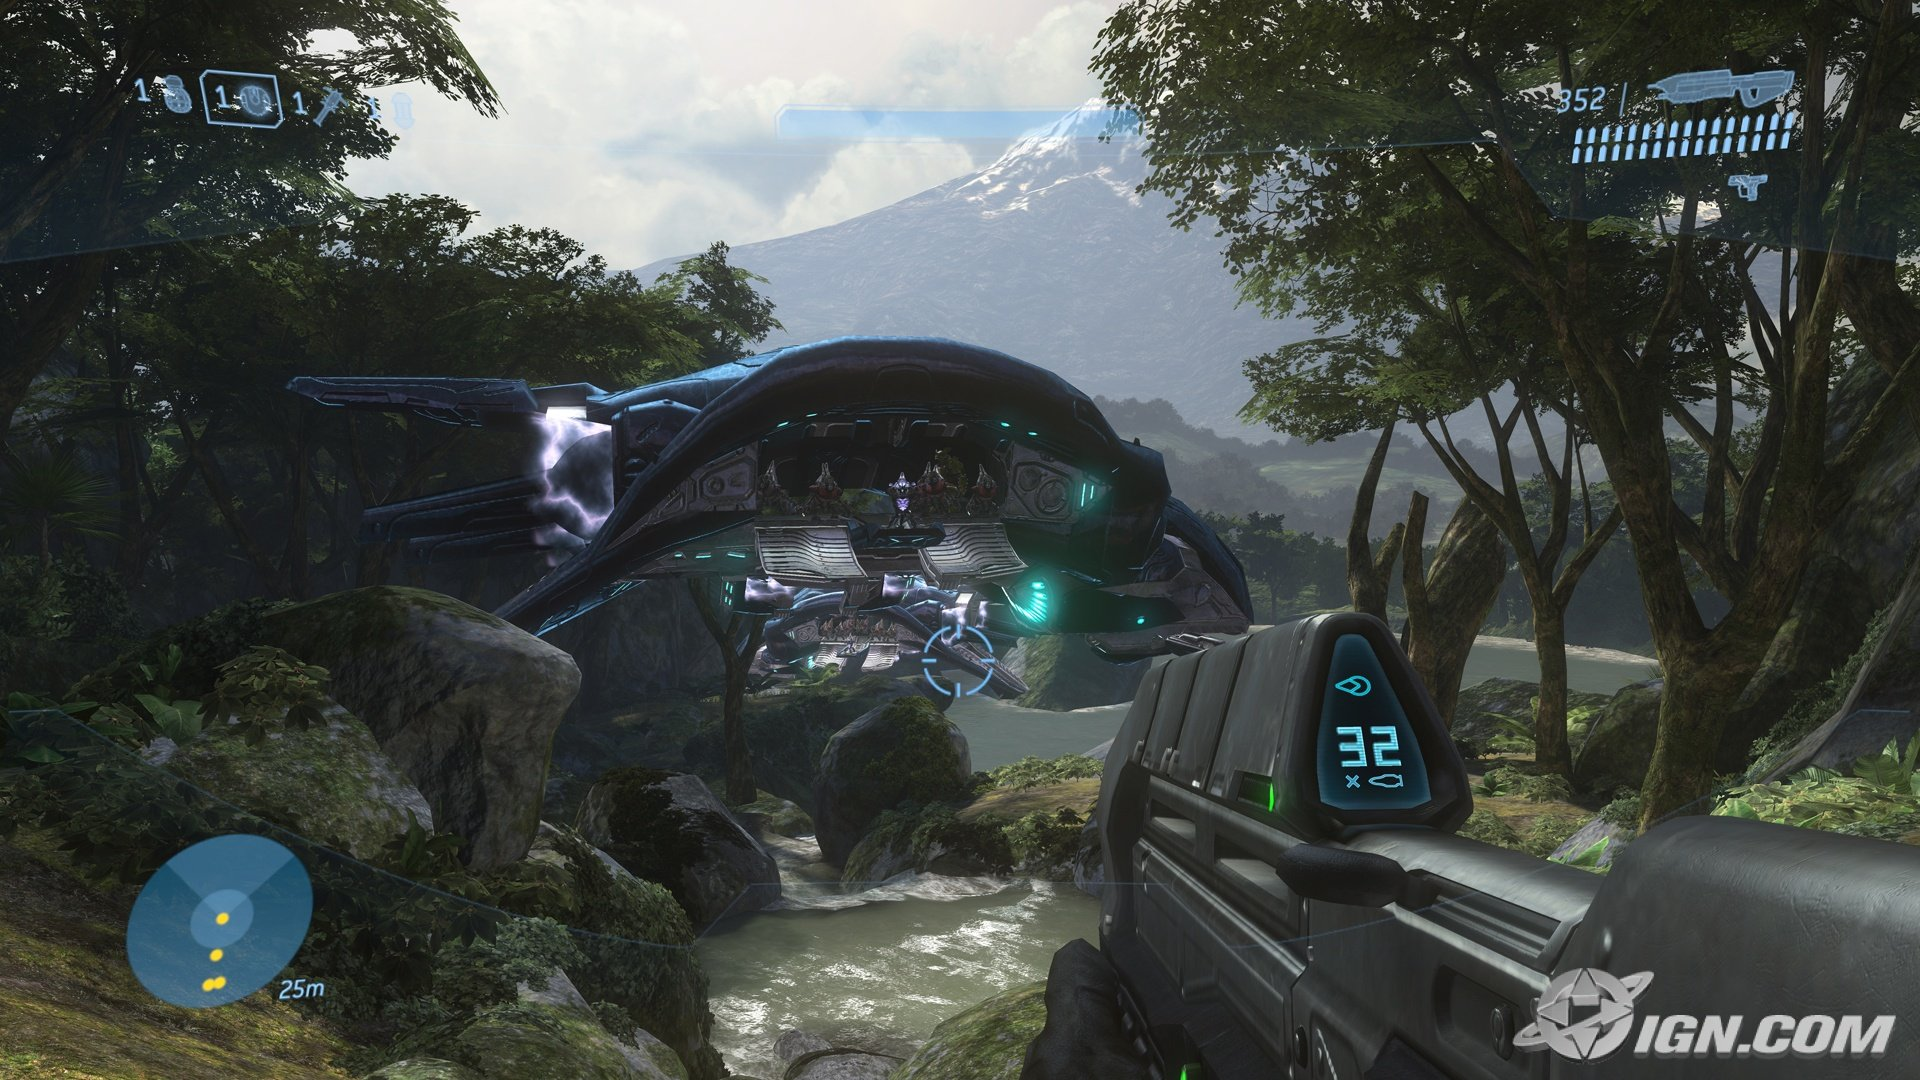 2007 год в компьютерных играх. - Изображение 29